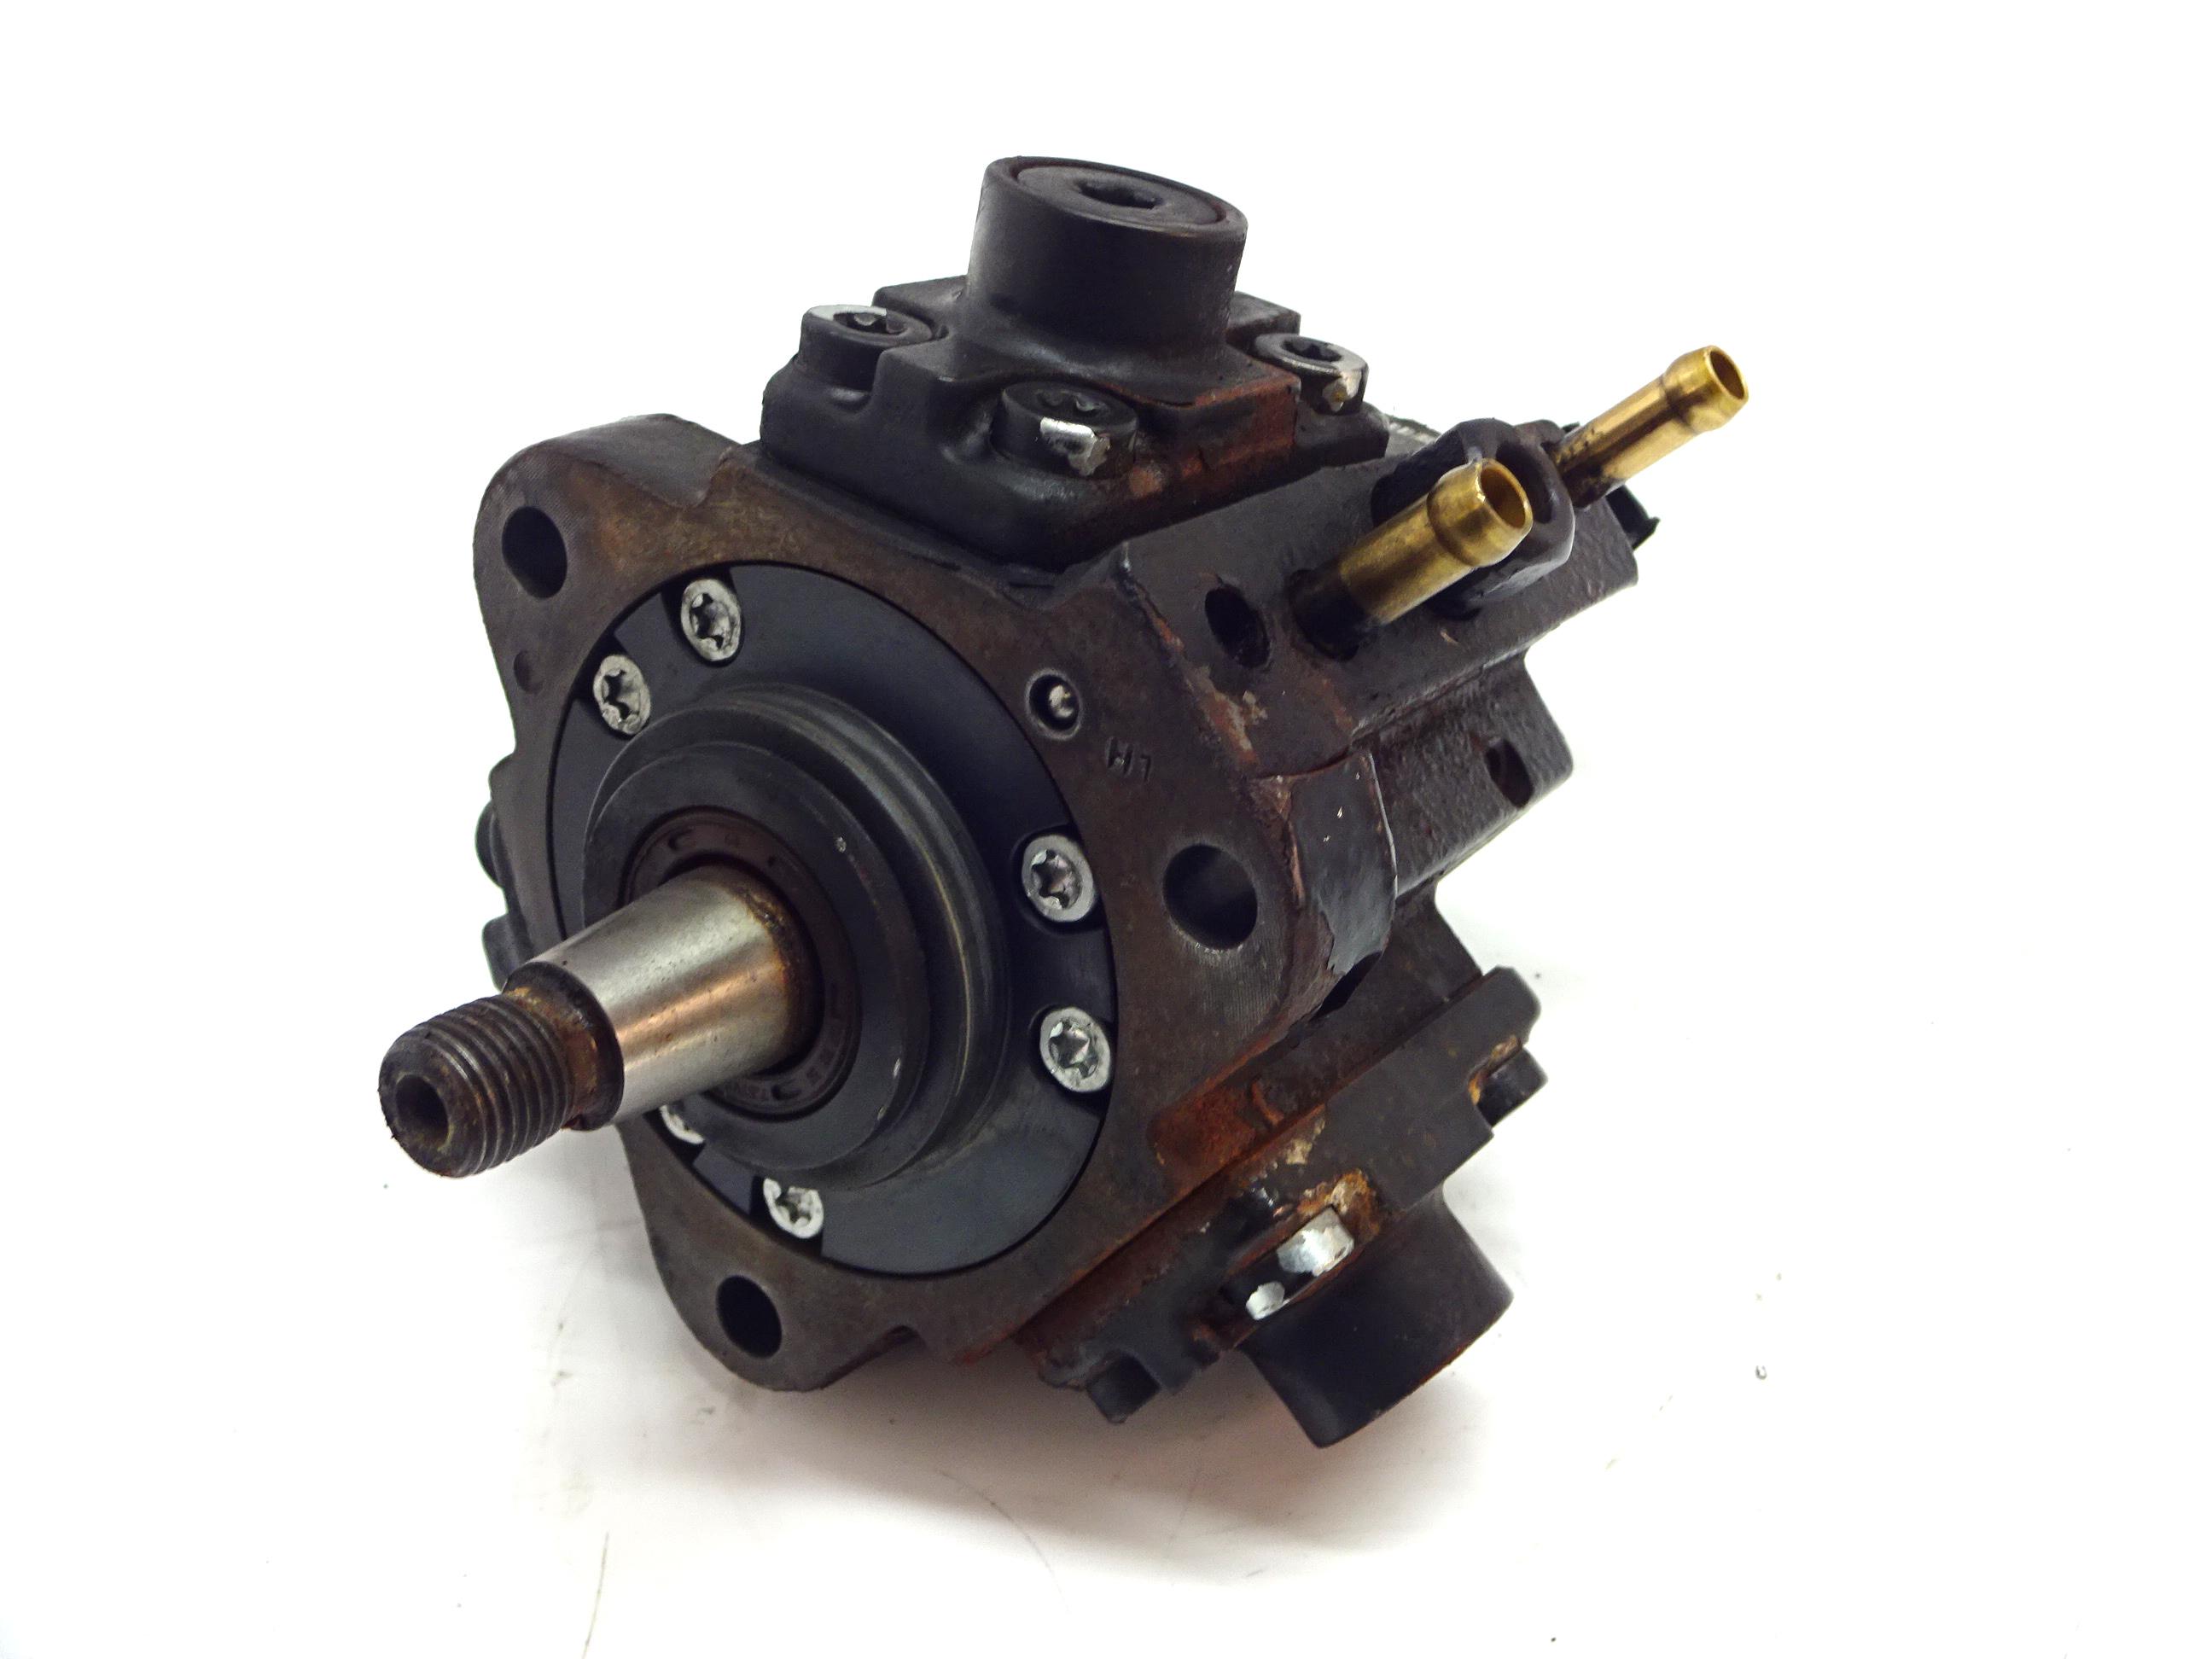 Hochdruckpumpe Fiat Opel Saab 1,9 CDTI 0445010156 0445010097 0445010184 Z19DTH DE322066